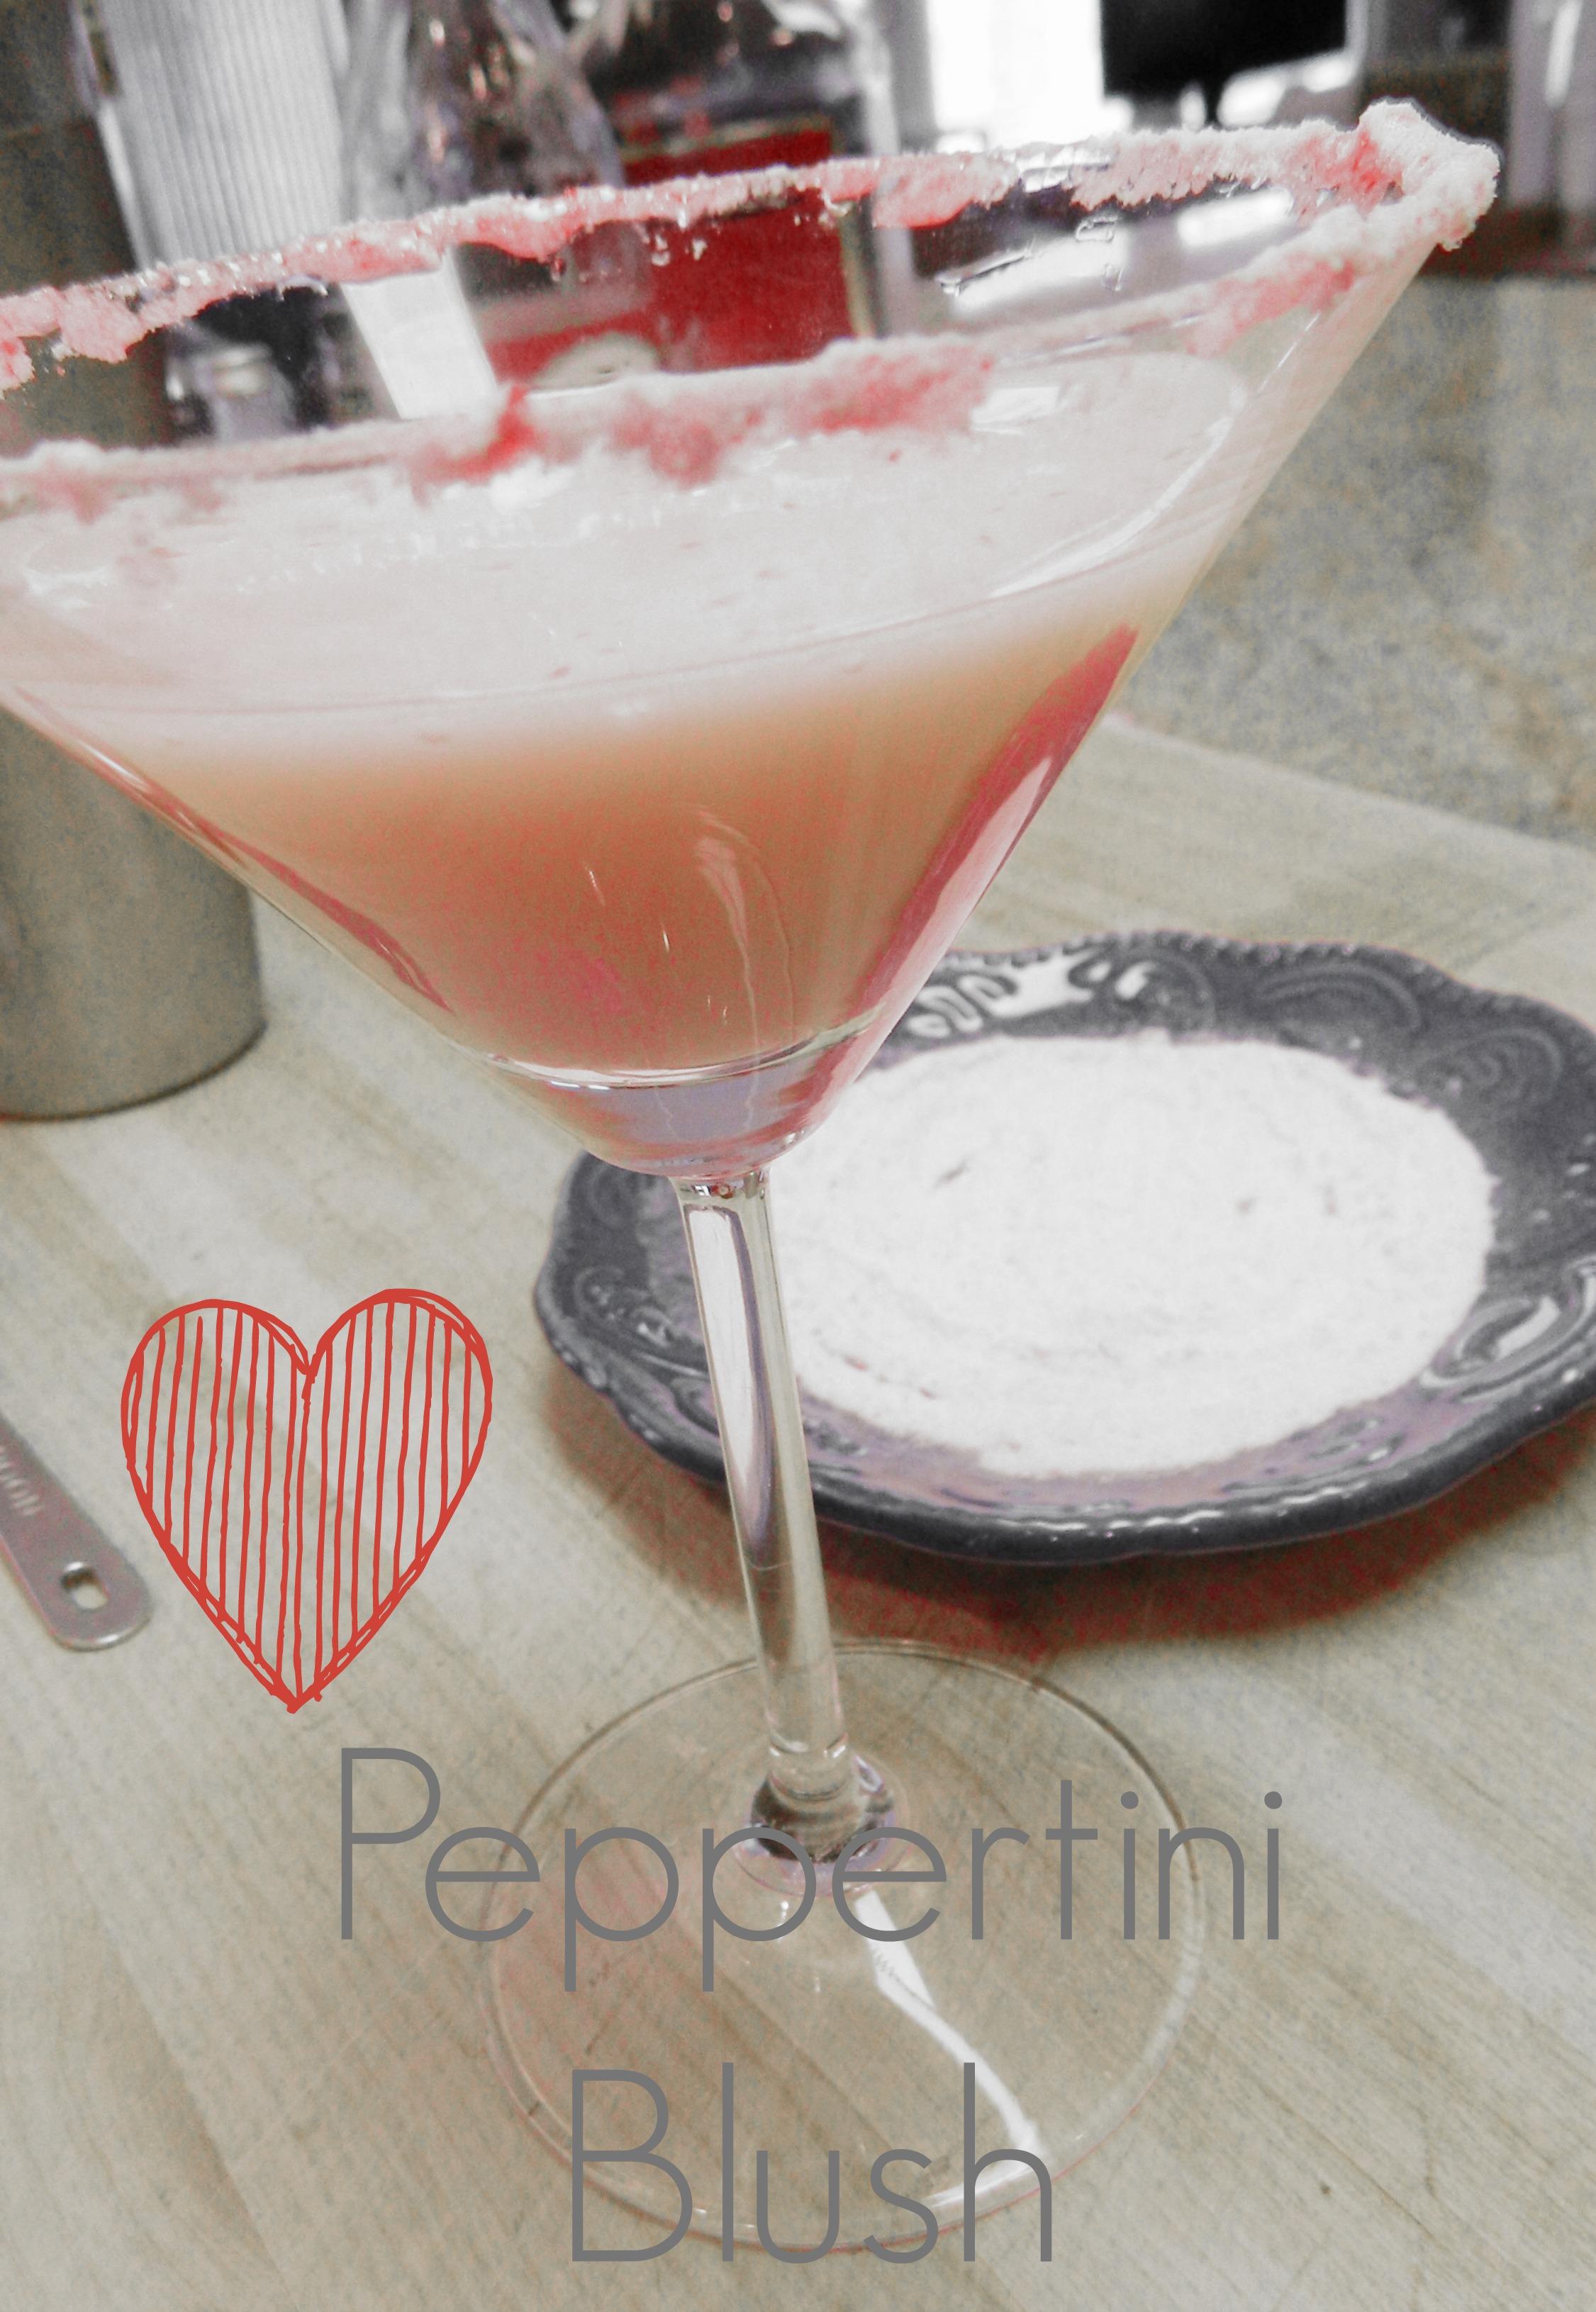 peppertini blush recipe